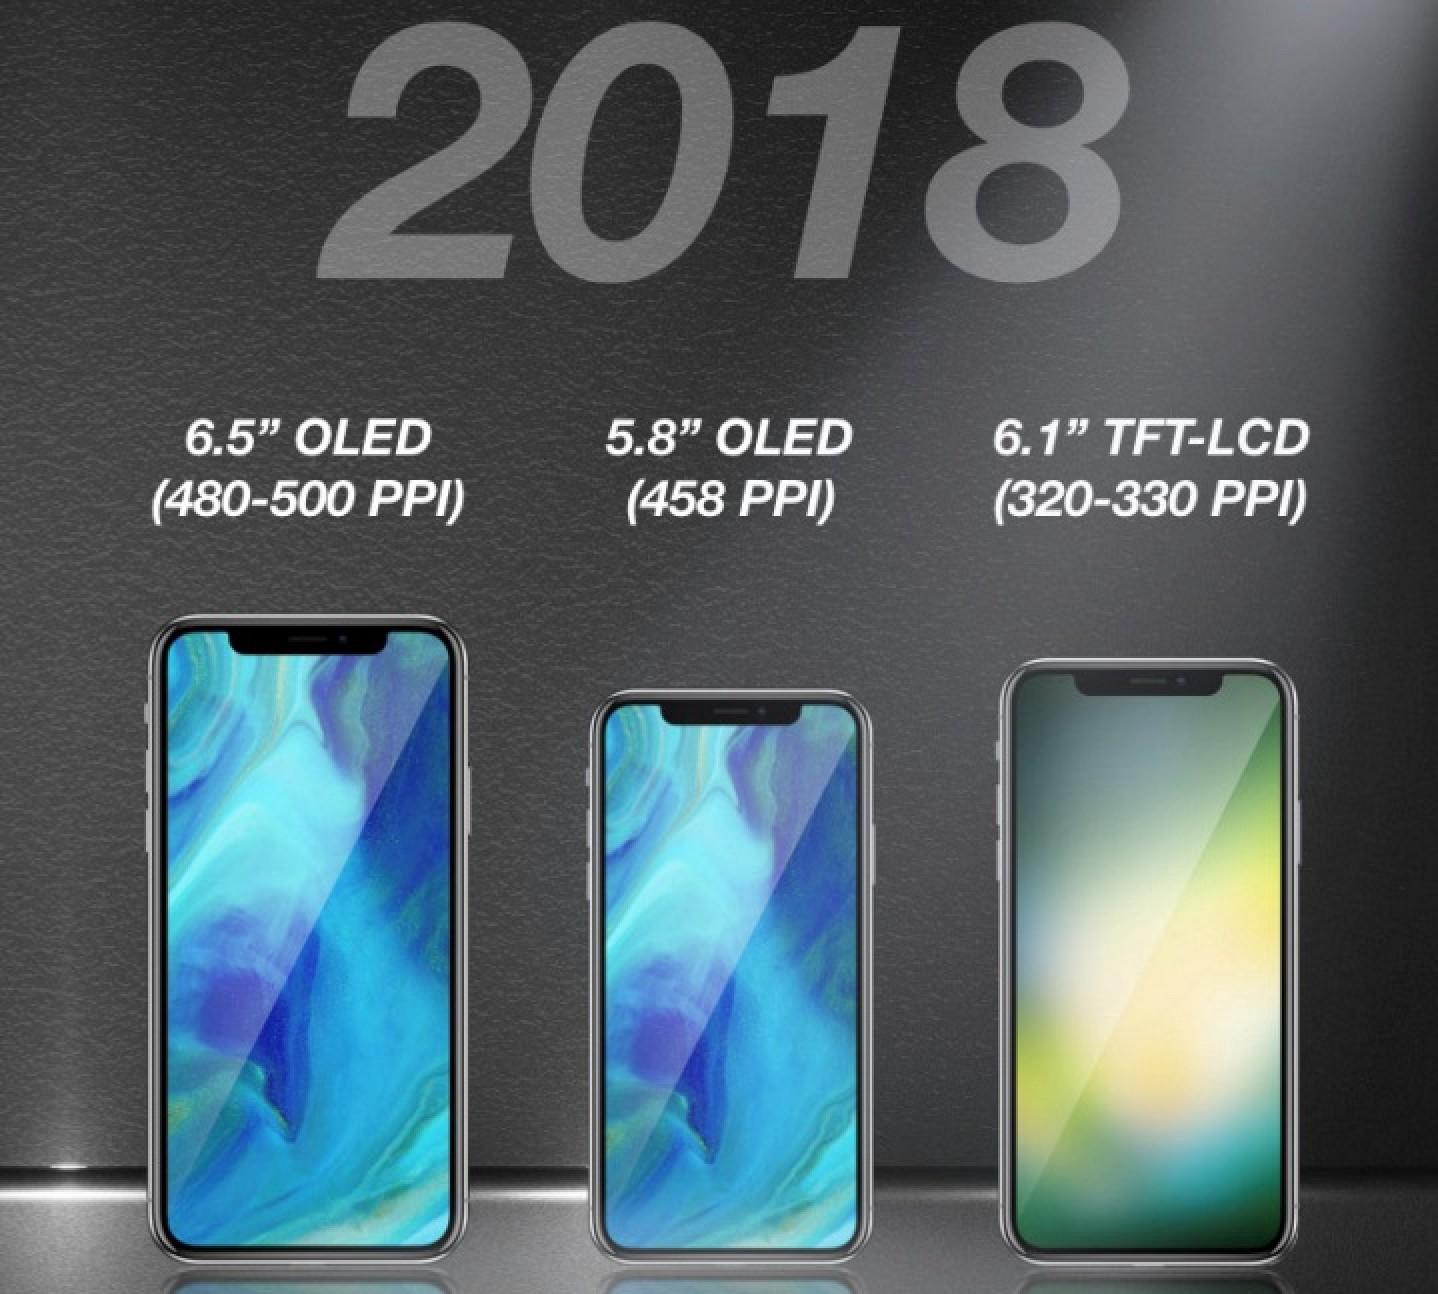 Tres nuevos modelos de iPhone X para el 2018 (Vía: KGI Securities)